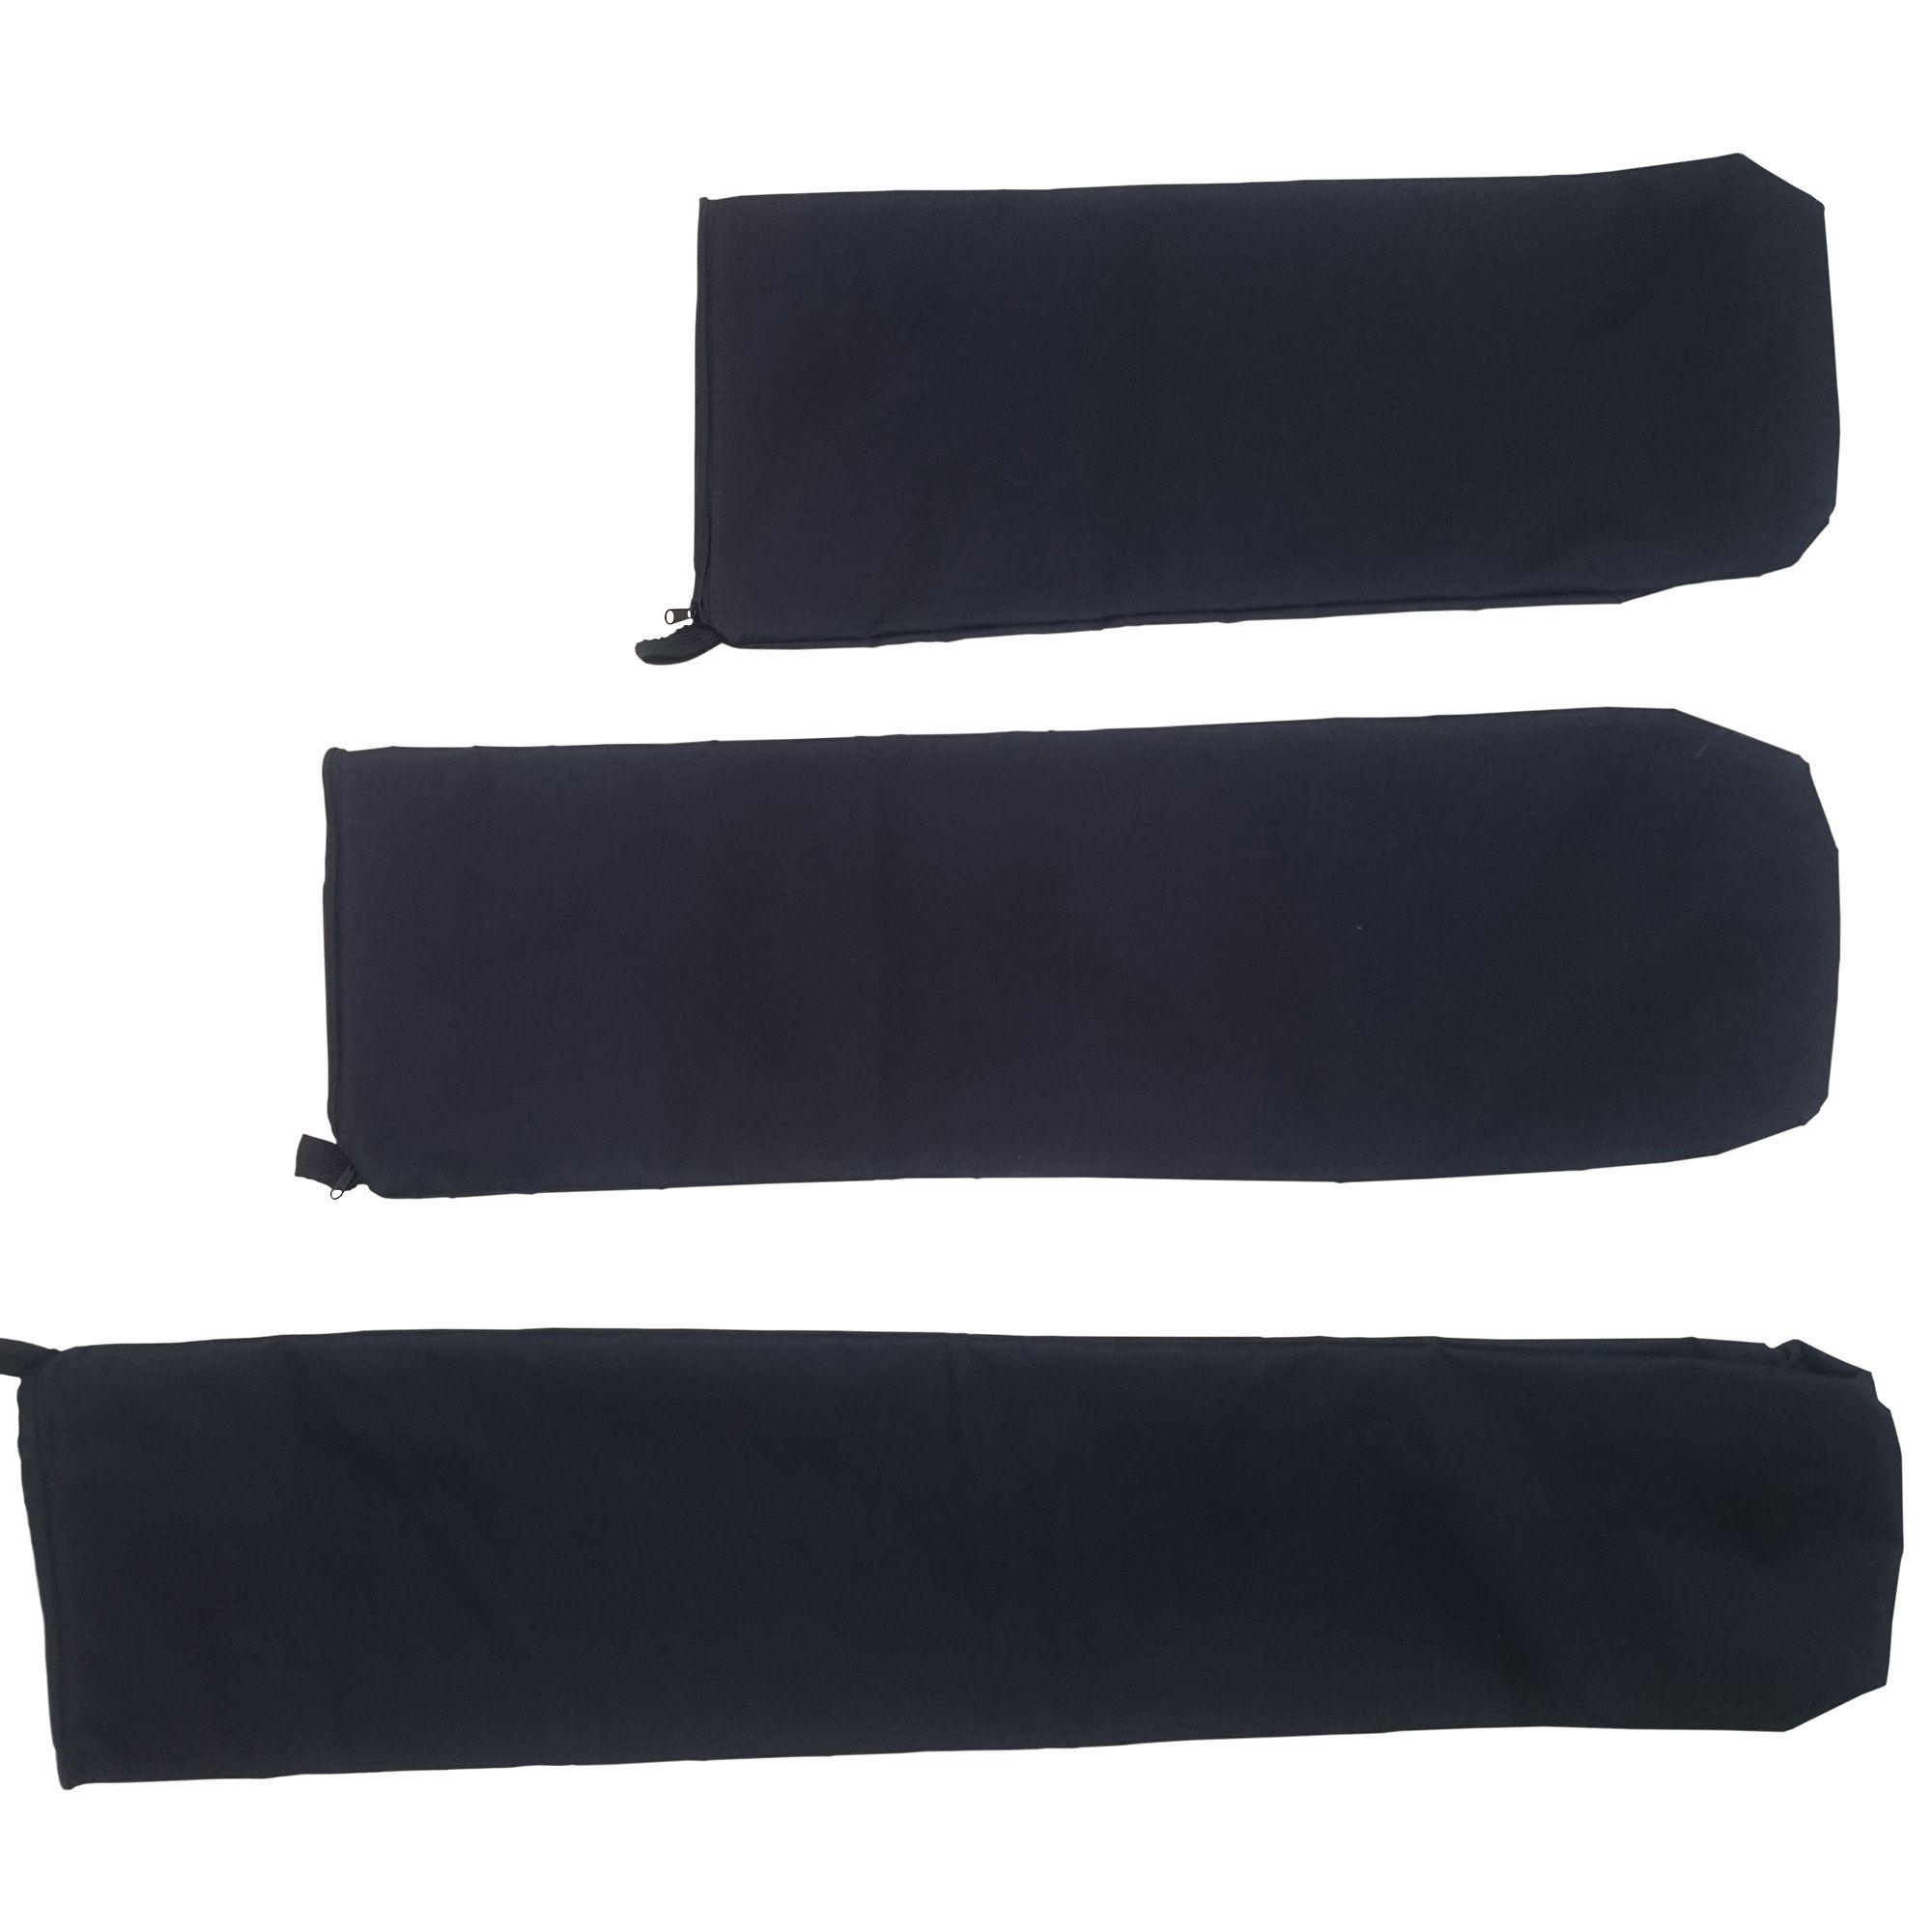 Capa Bag P/ Ferragens De Bateria Extra Luxo 4em1 Acolchoada com 120 cm para Bateria CLAVE & BAG. Totalmente acolchoado